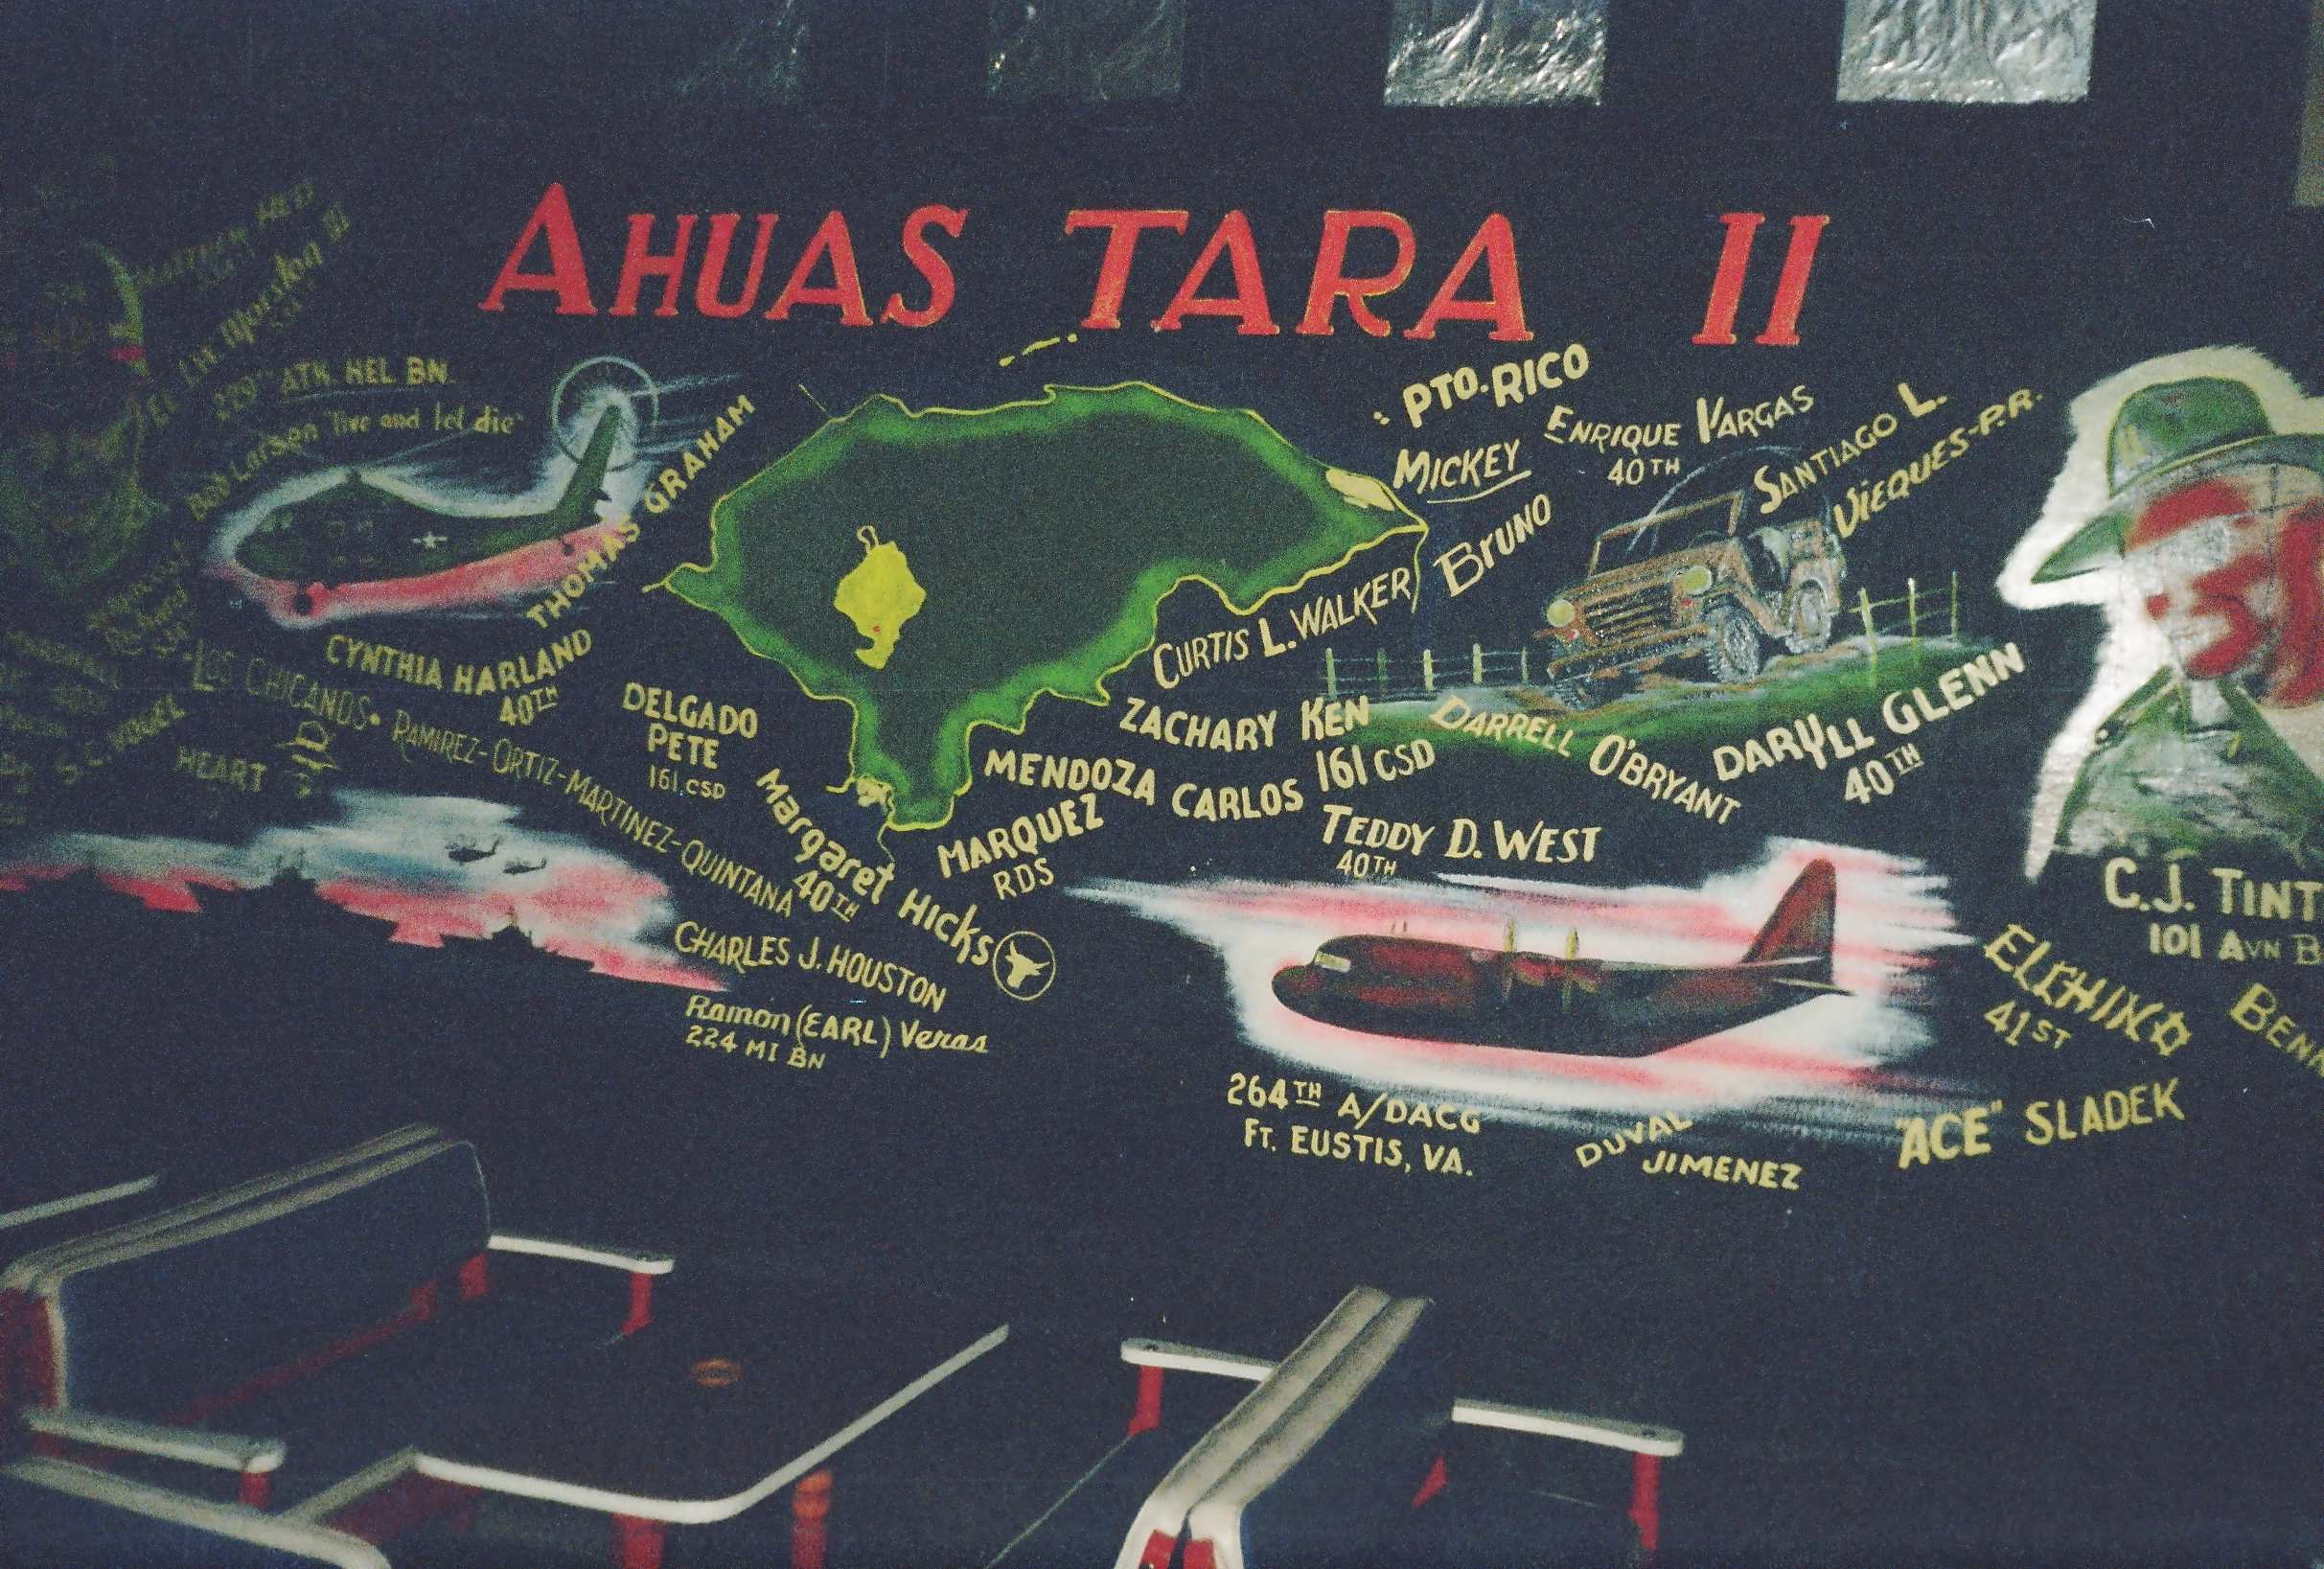 Ahuas Tara II wall mural